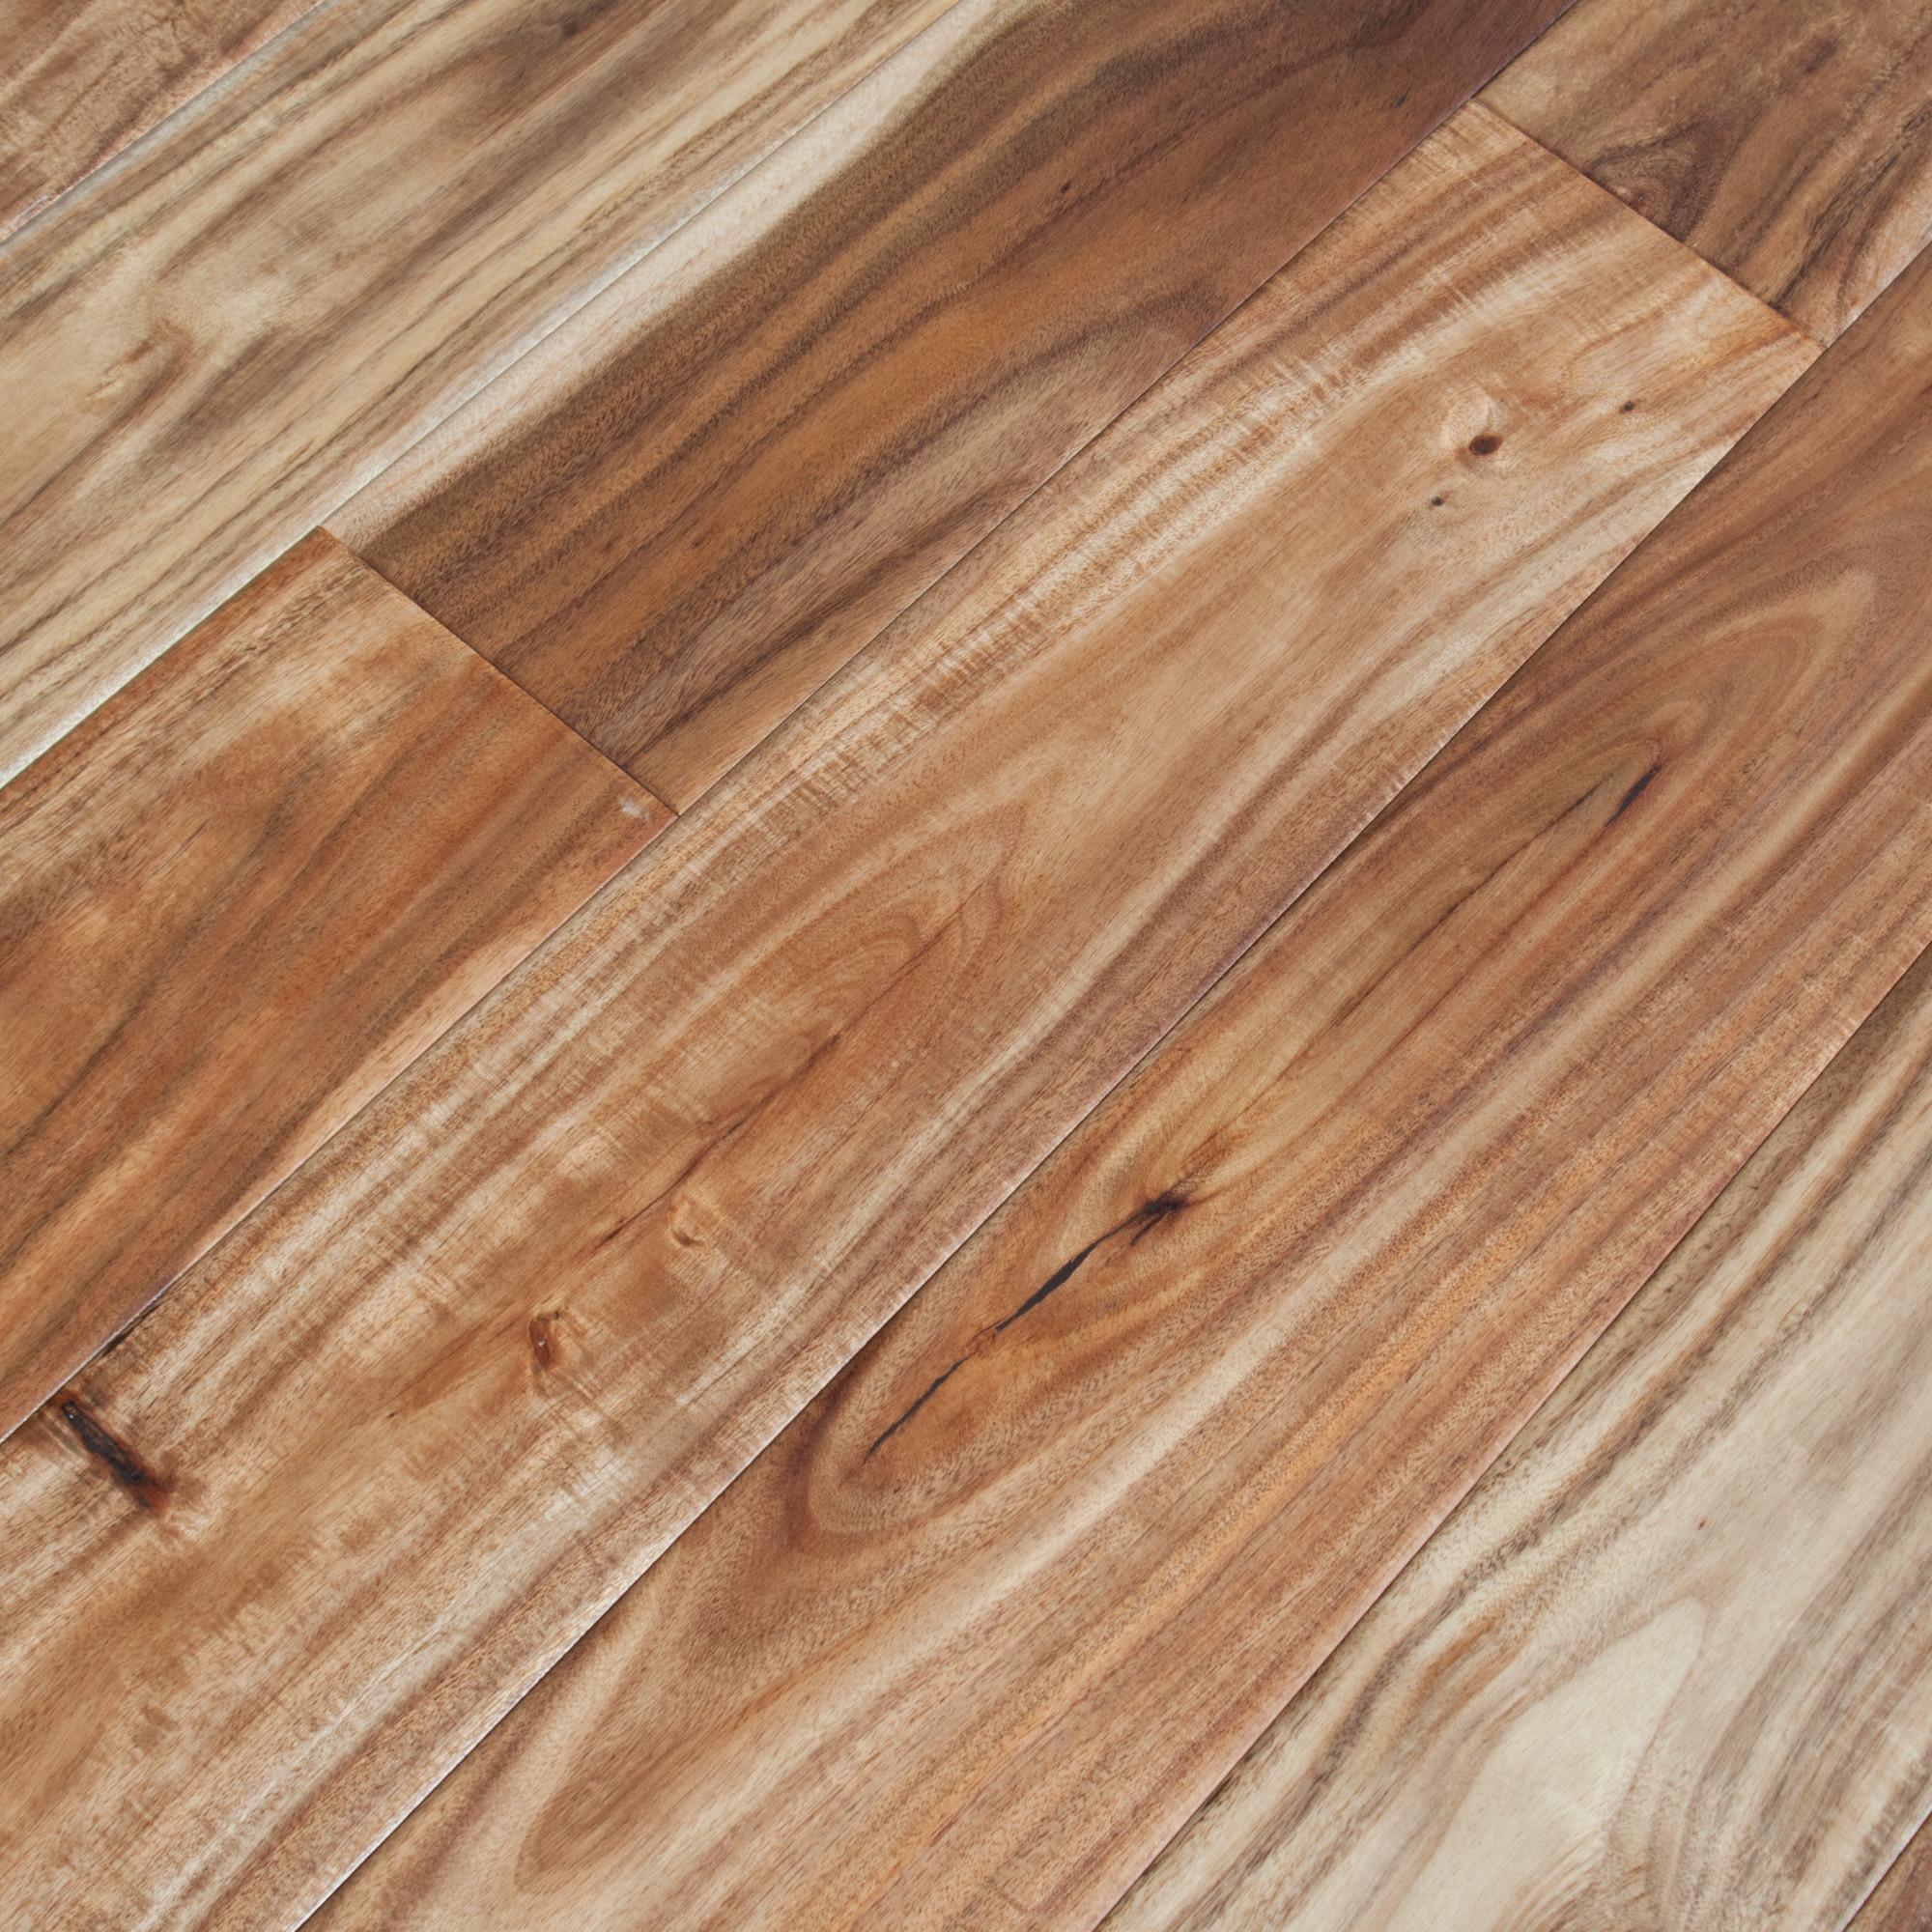 18 Attractive Underlayment For Engineered Hardwood Floors